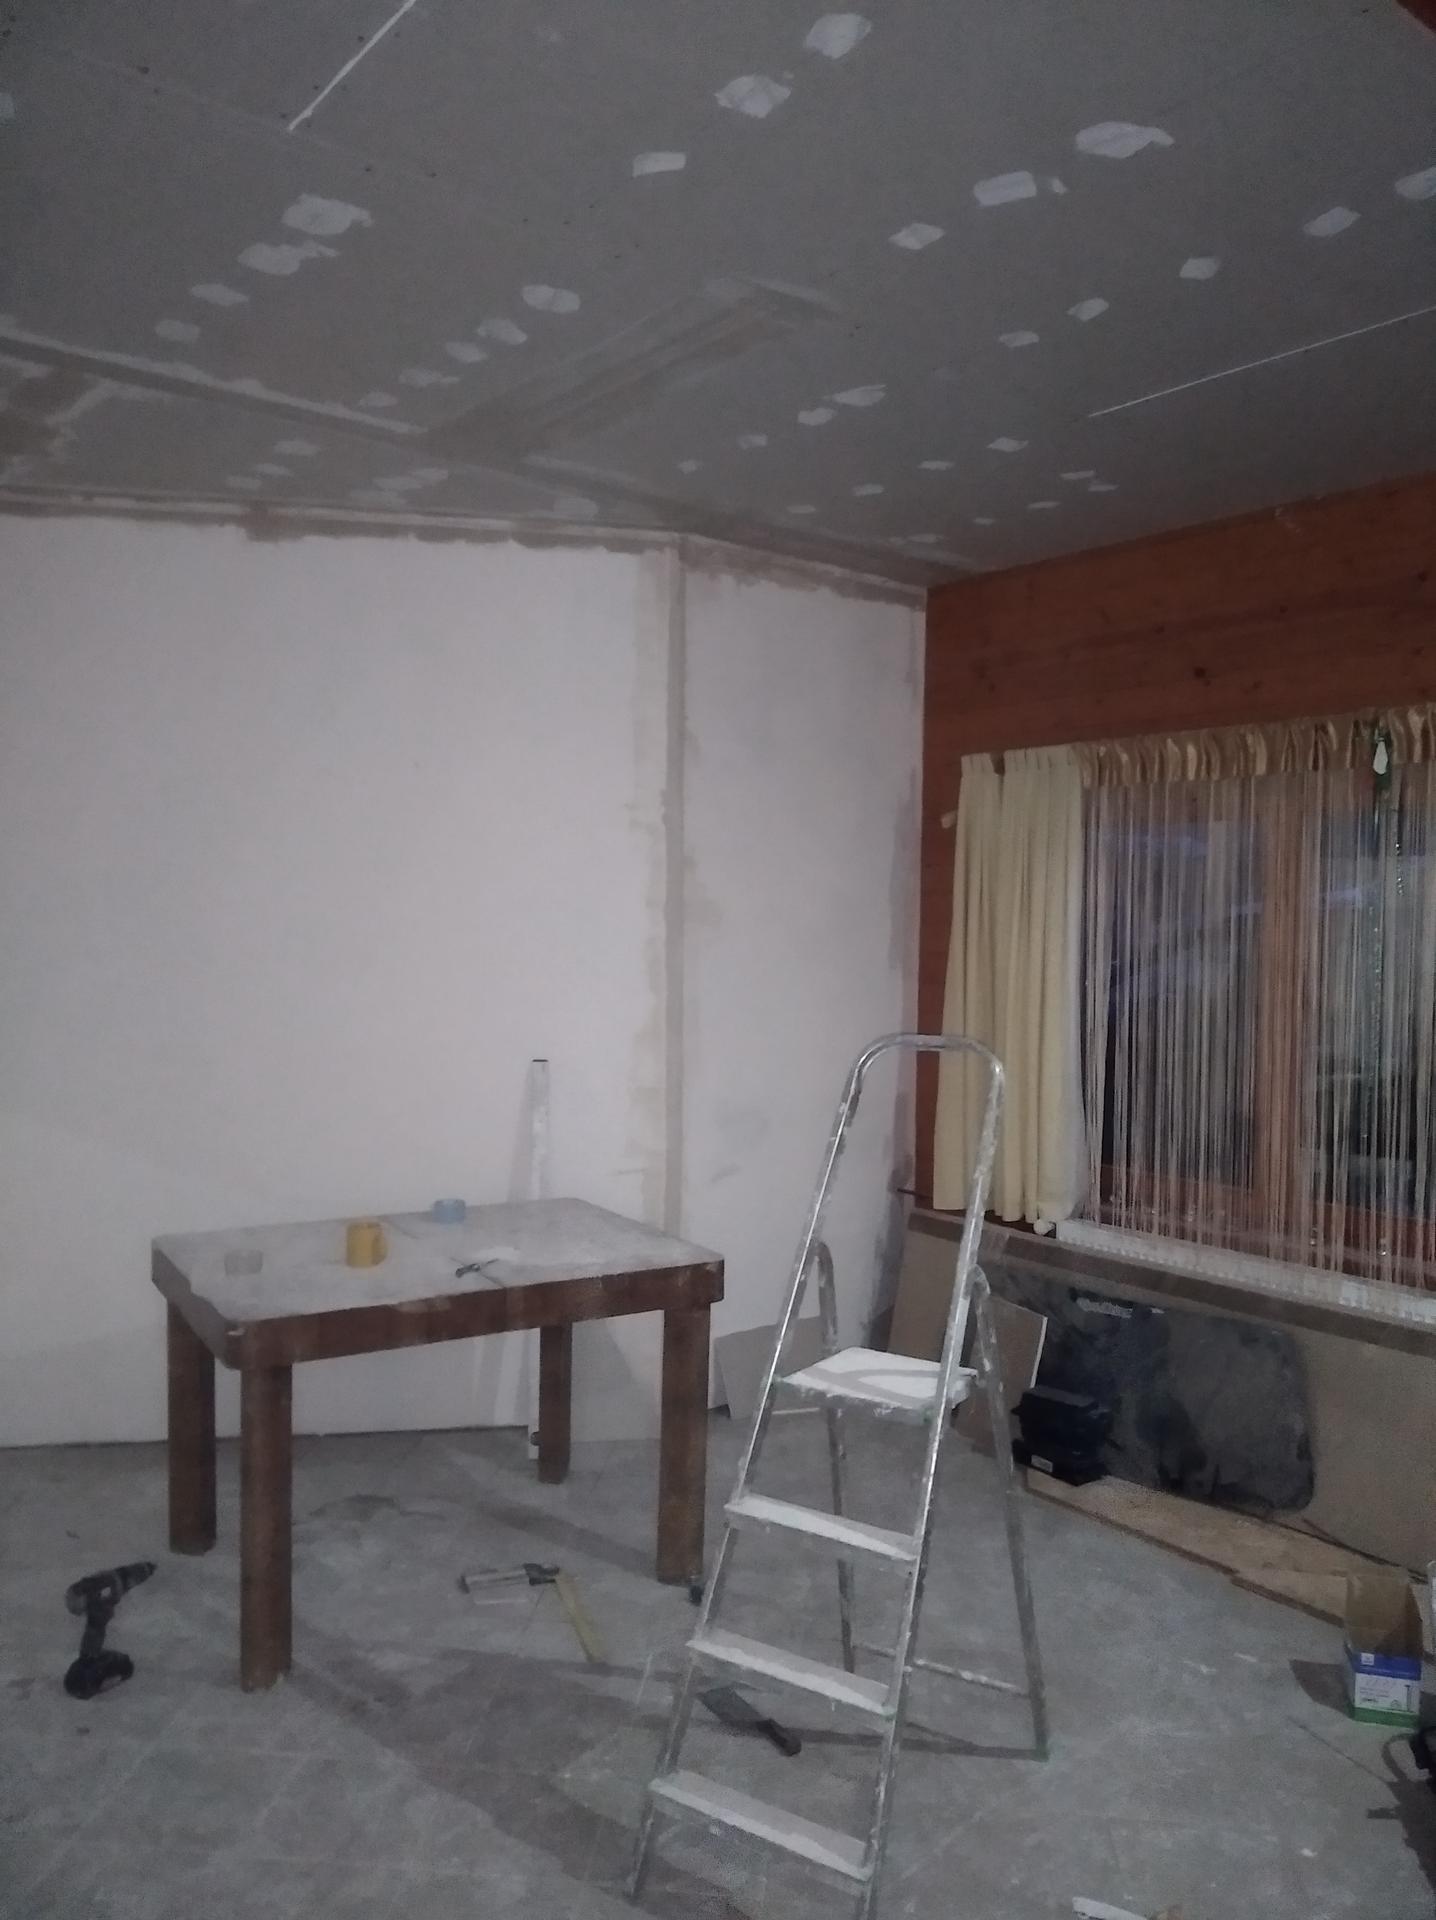 Přestavba hospůdky na bydlení - Obrázek č. 52